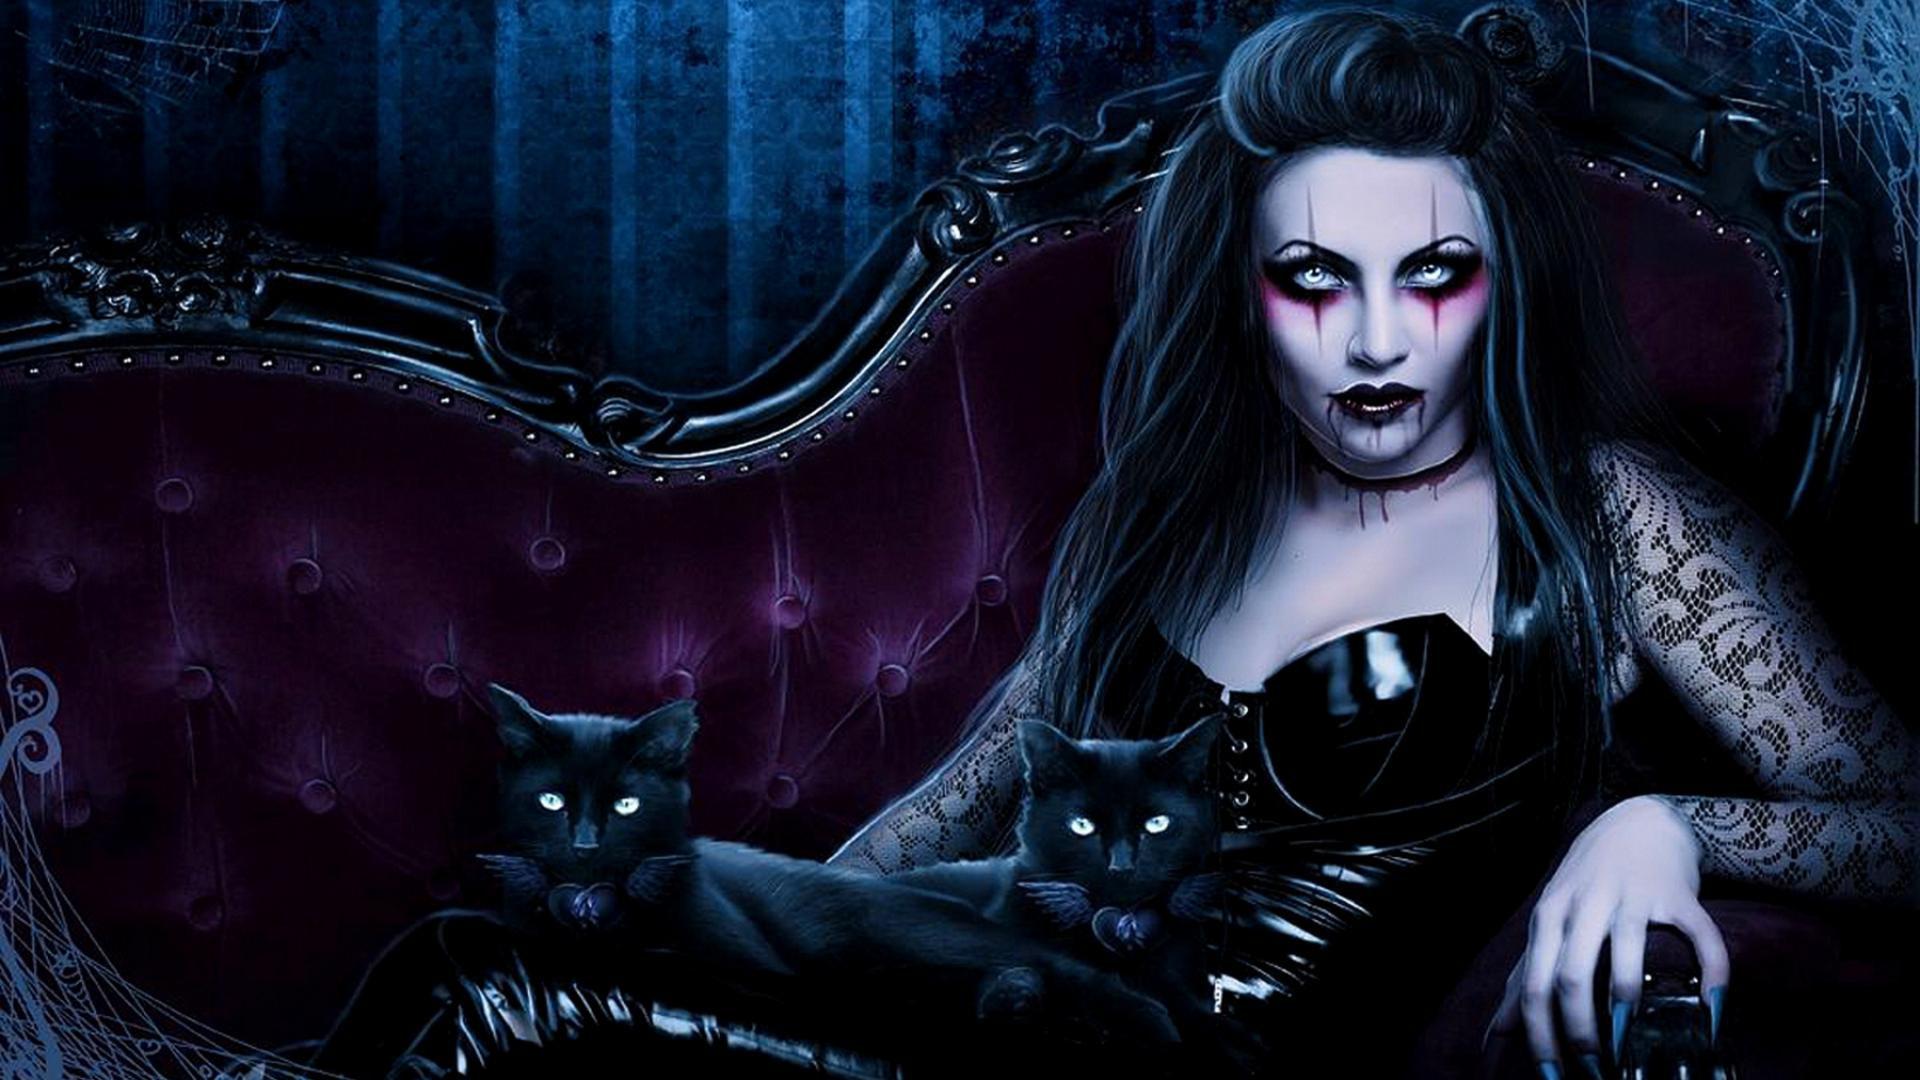 Drawn vampire darkness 1920x1080 wallpaper  horror vampire